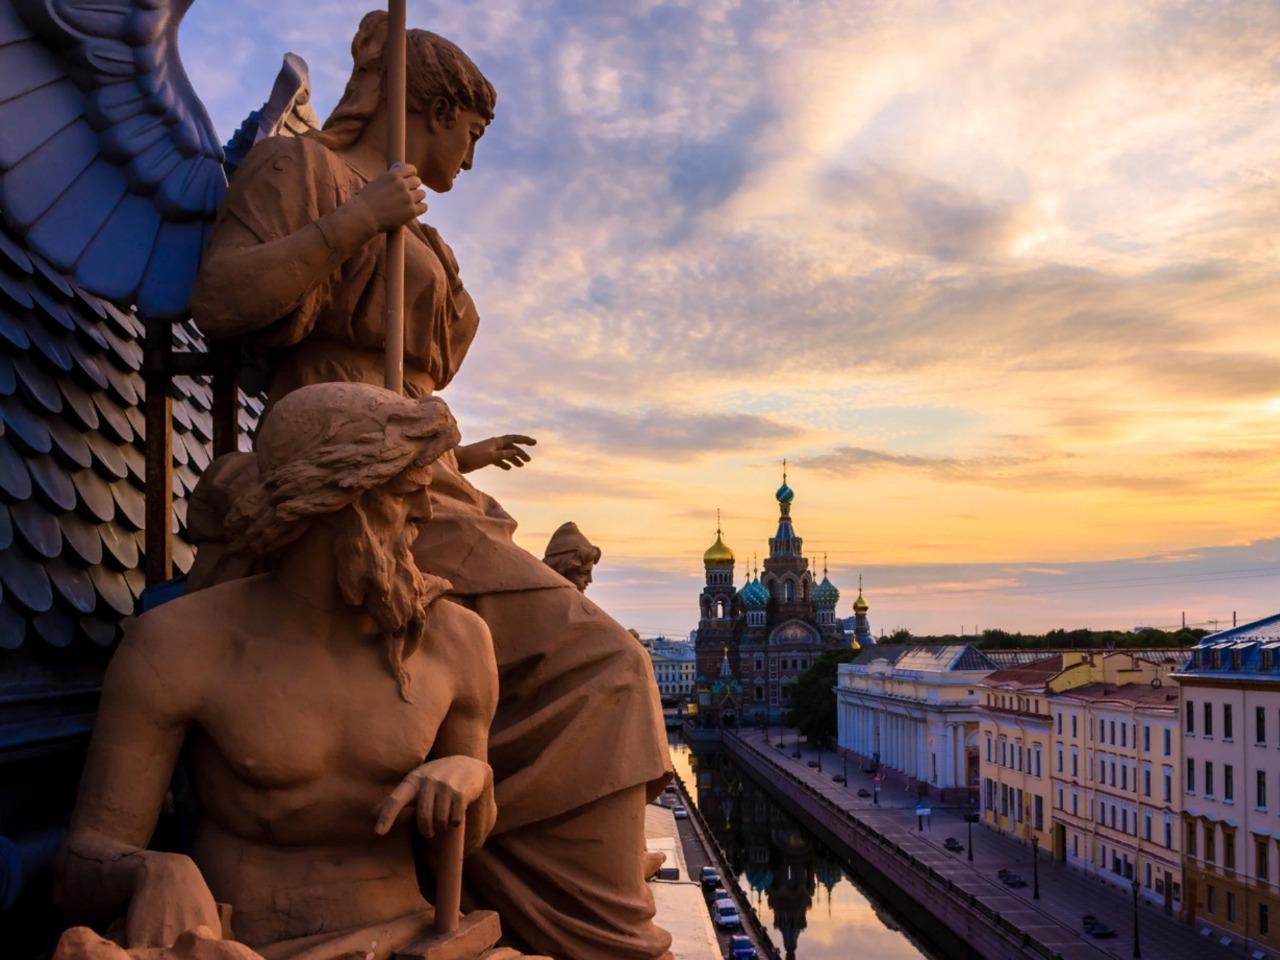 Санкт-Петербург: легенды и мифы Северной столицы - групповая экскурсия по Санкт-Петербургу от опытного гида